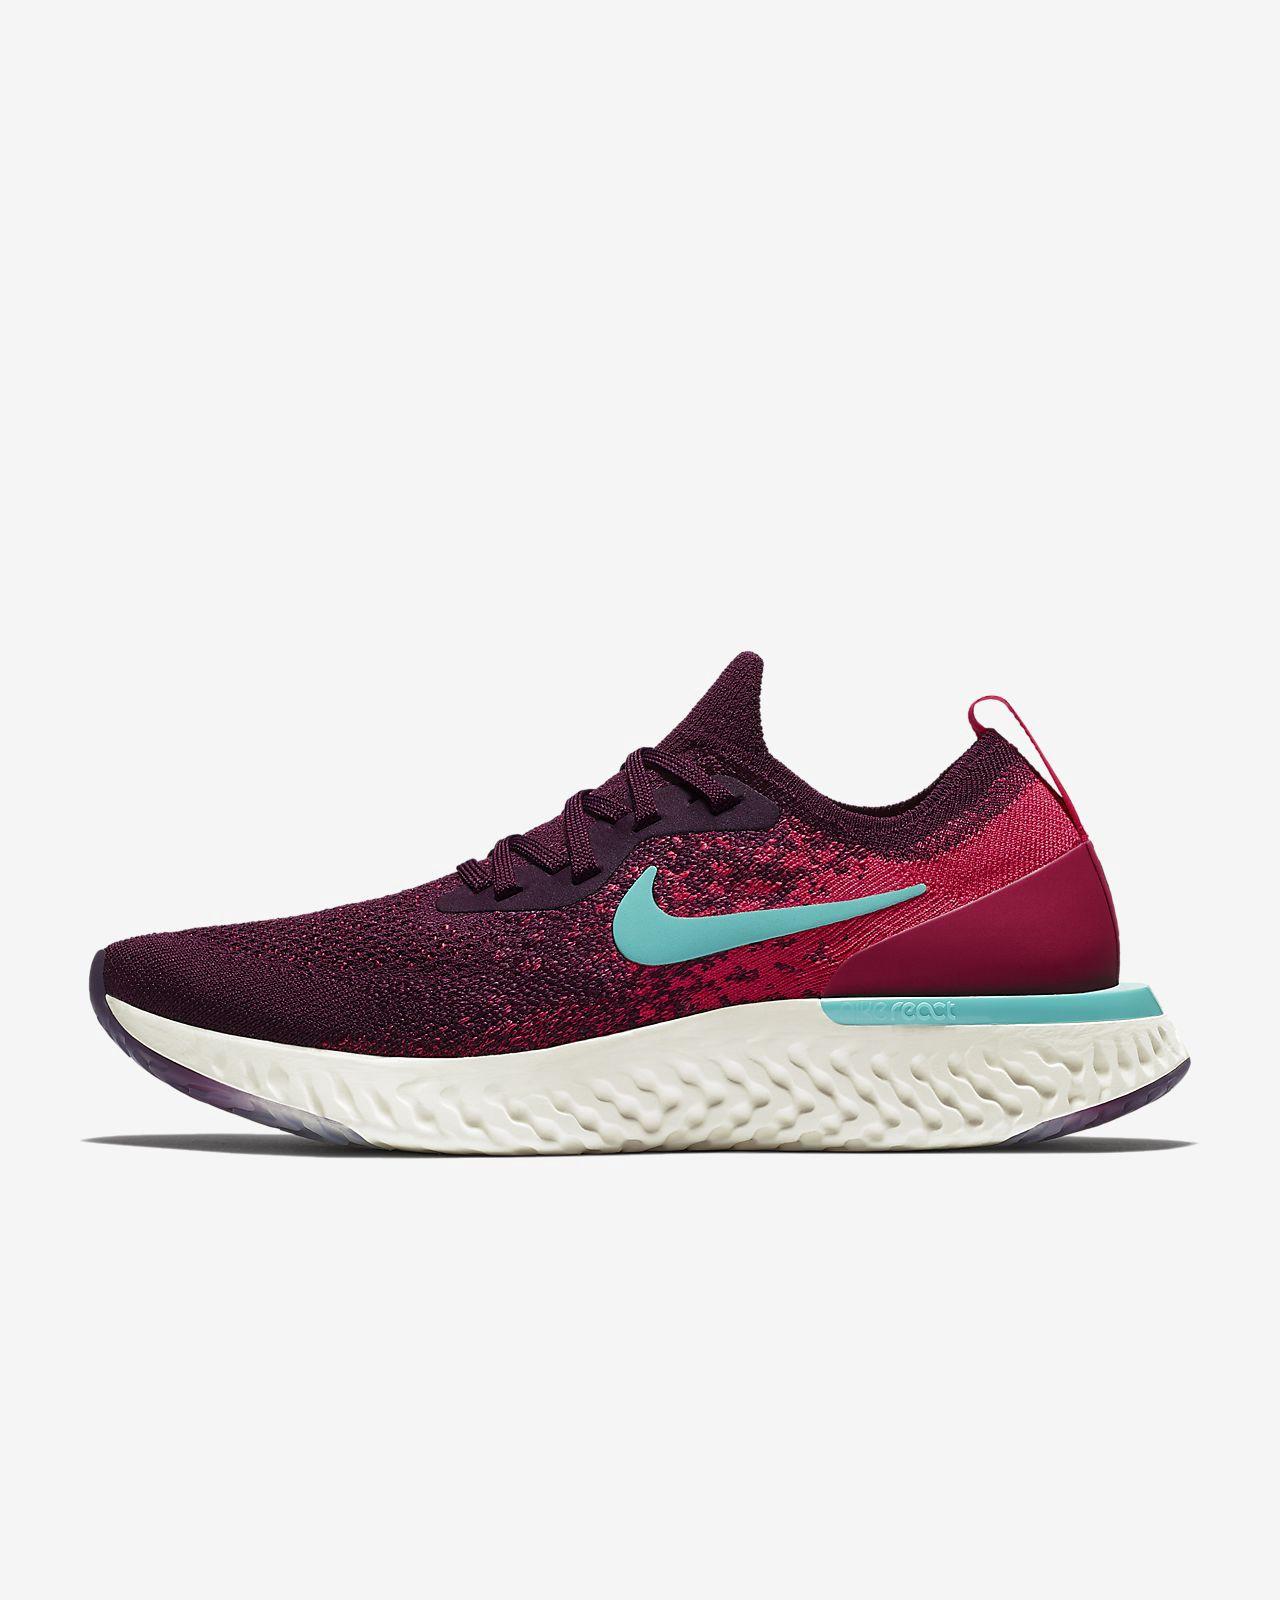 063ef67979 Nike Epic React Flyknit Women s Running Shoe - 11.5